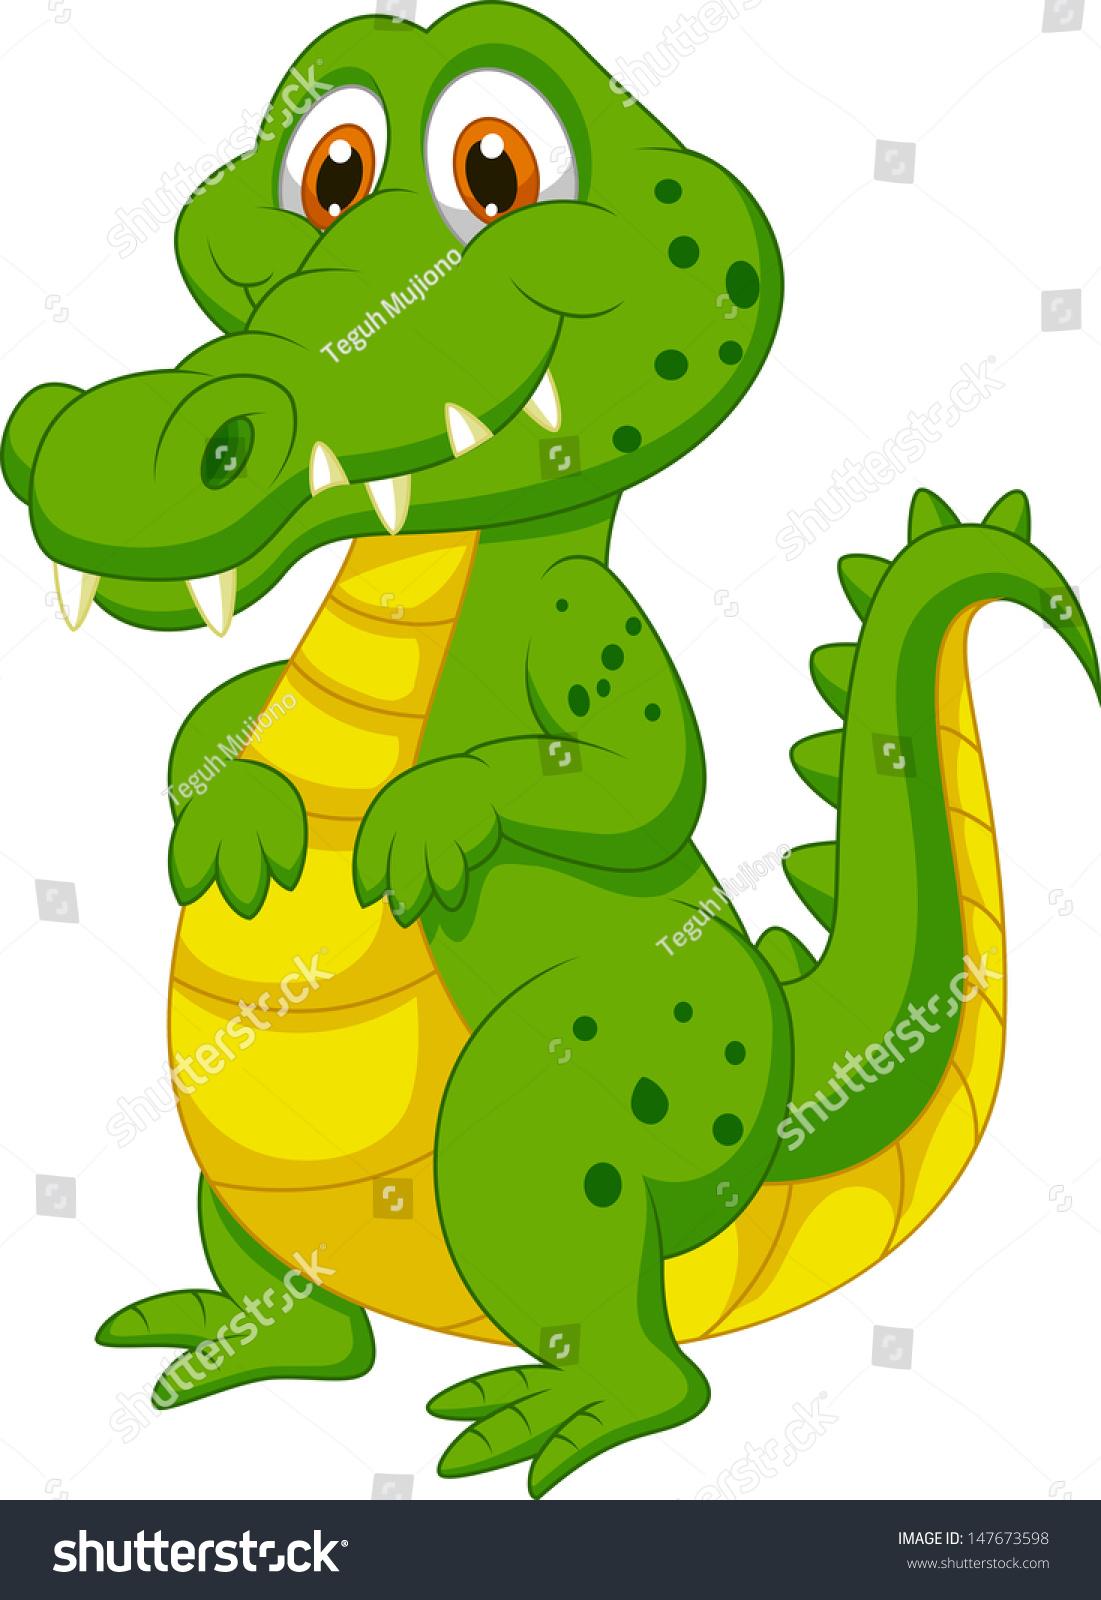 可爱的卡通鳄鱼-动物/野生生物-海洛创意(hellorf)--.